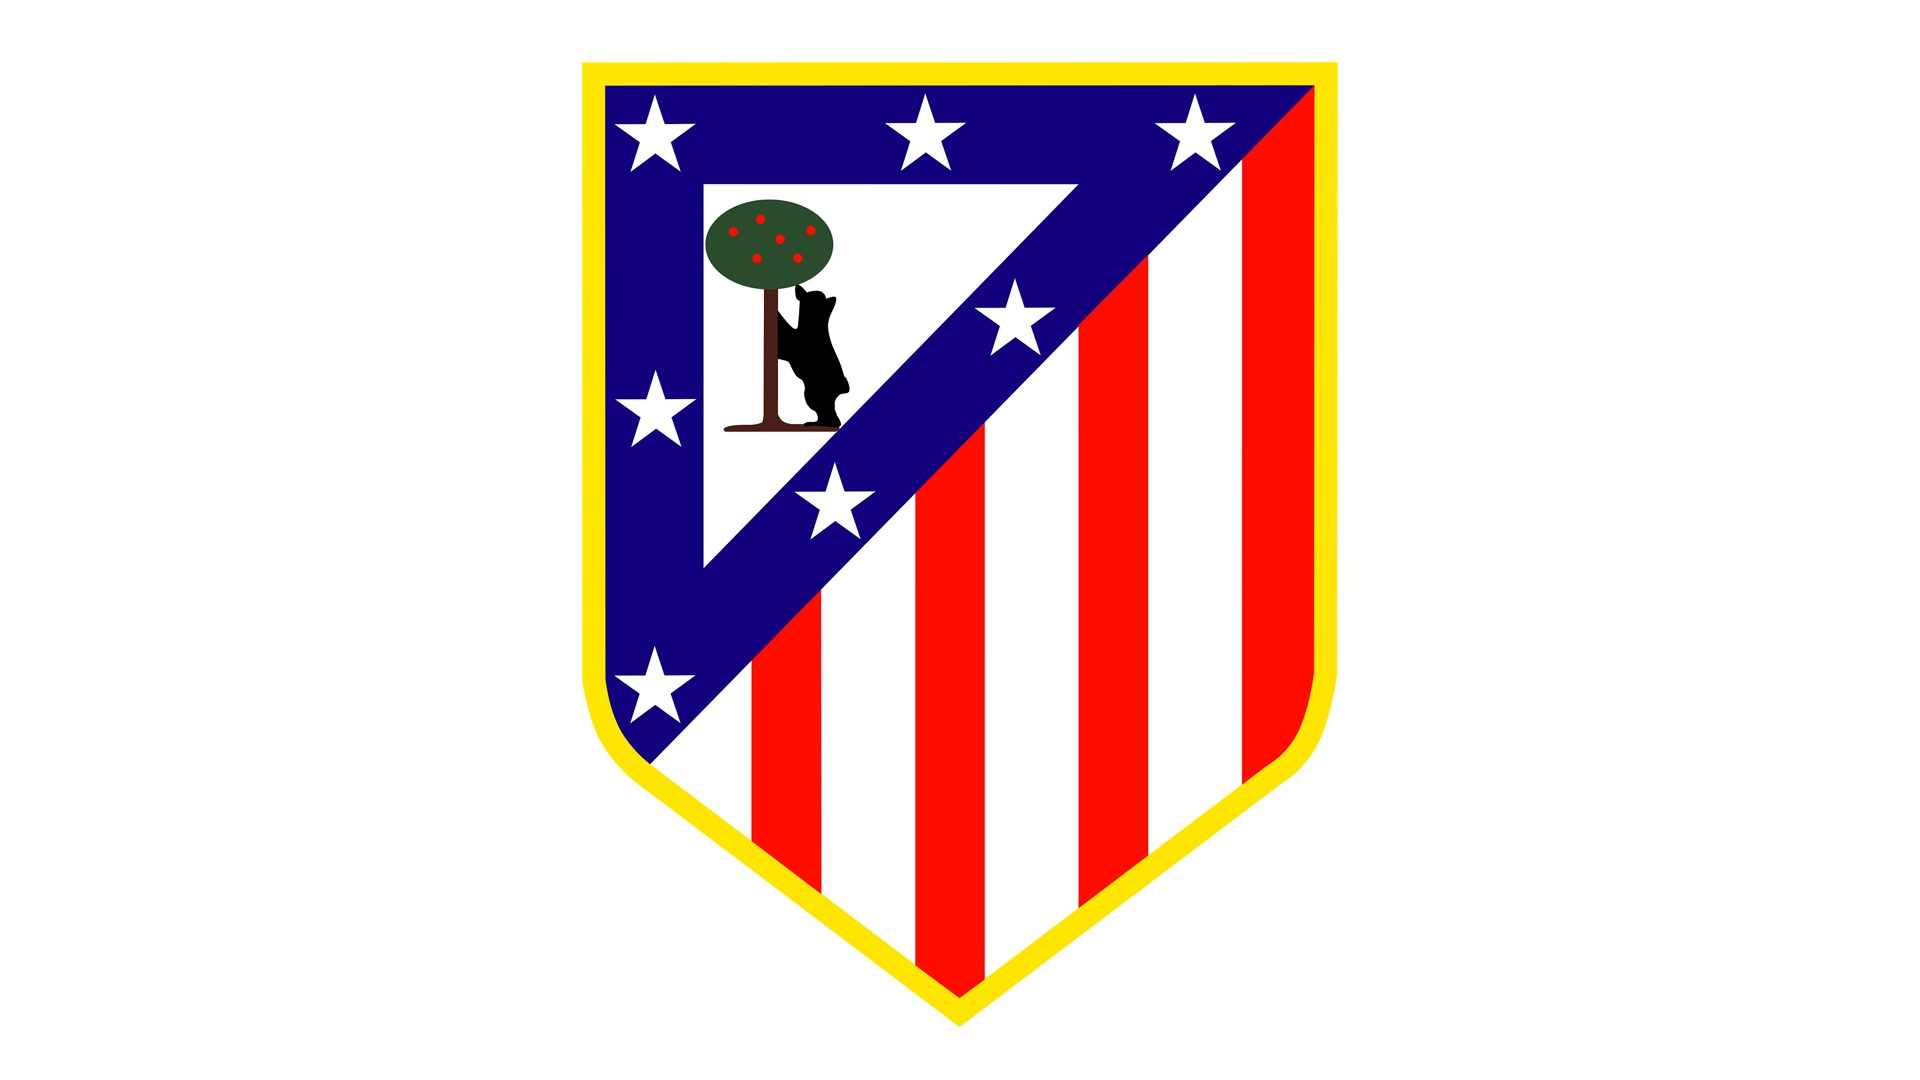 Logo Atletico Madrid, histoire, image de symbole et emblème